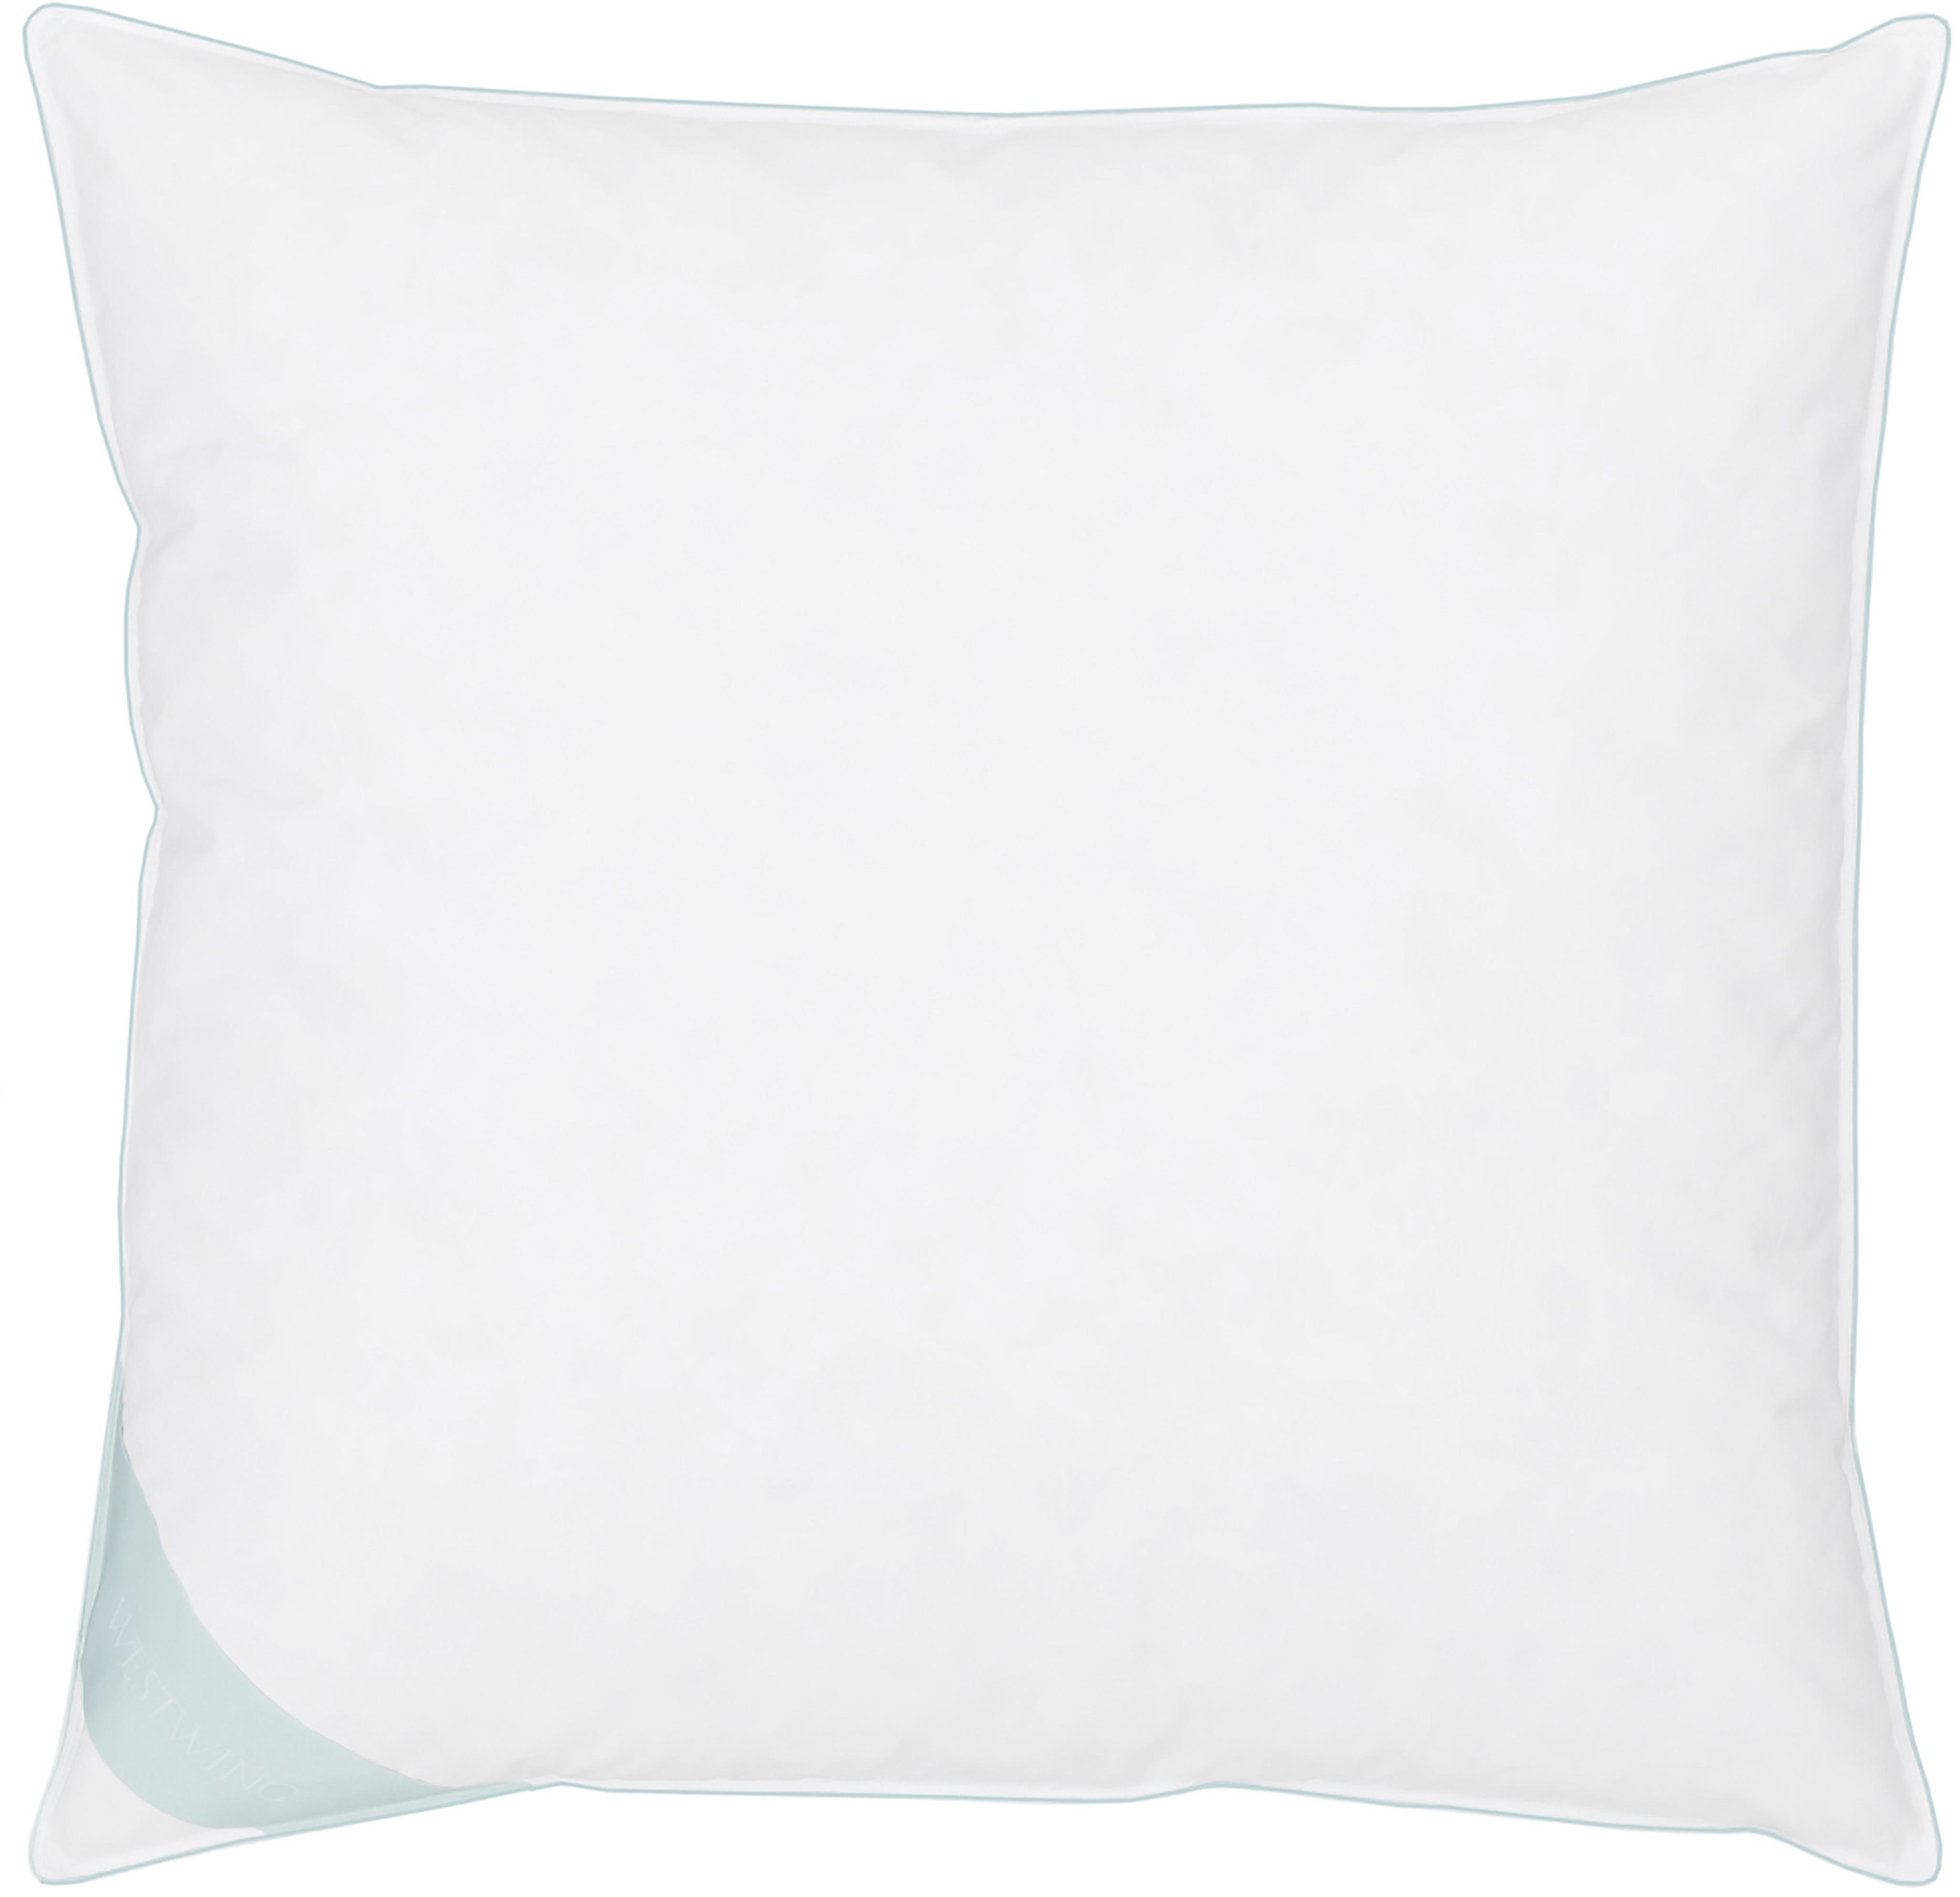 Feder-Kopfkissen Comfort, mittel, Hülle: 100% Baumwolle, Mako-Köpe, Weiß mit türkiser Satinbiese, 80 x 80 cm